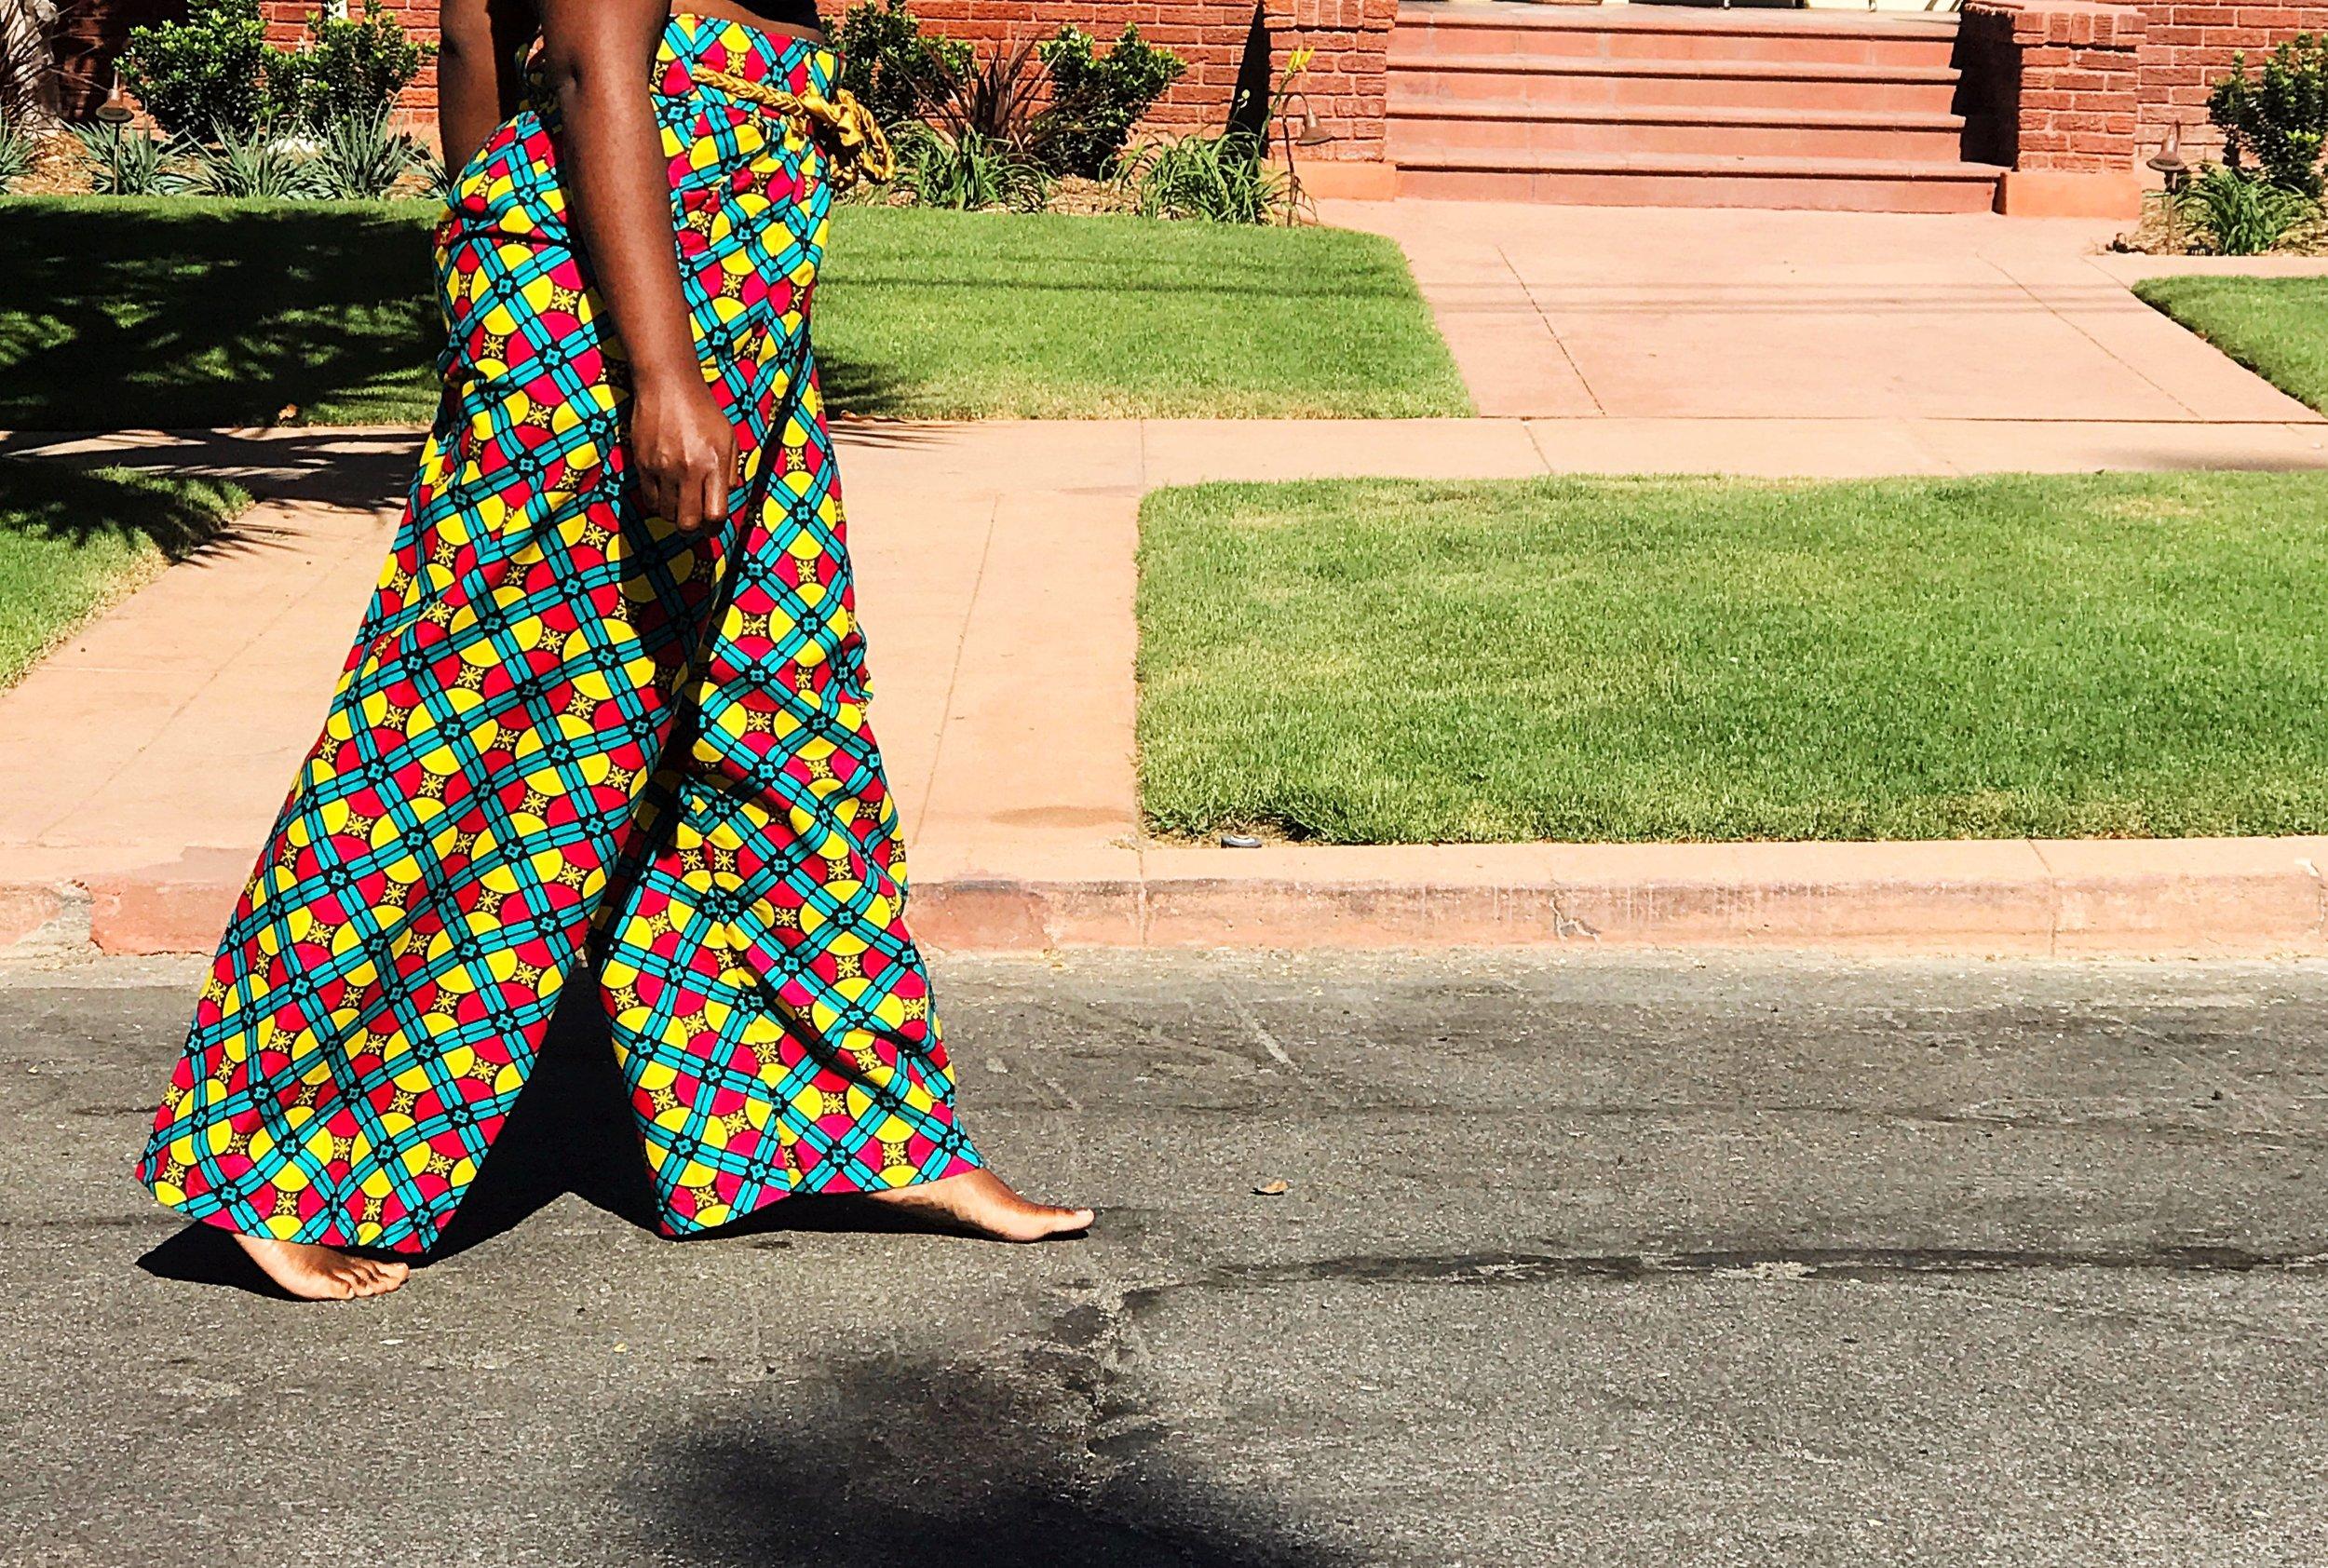 Black woman walking barefoot in street wearing wide leg ankara pants